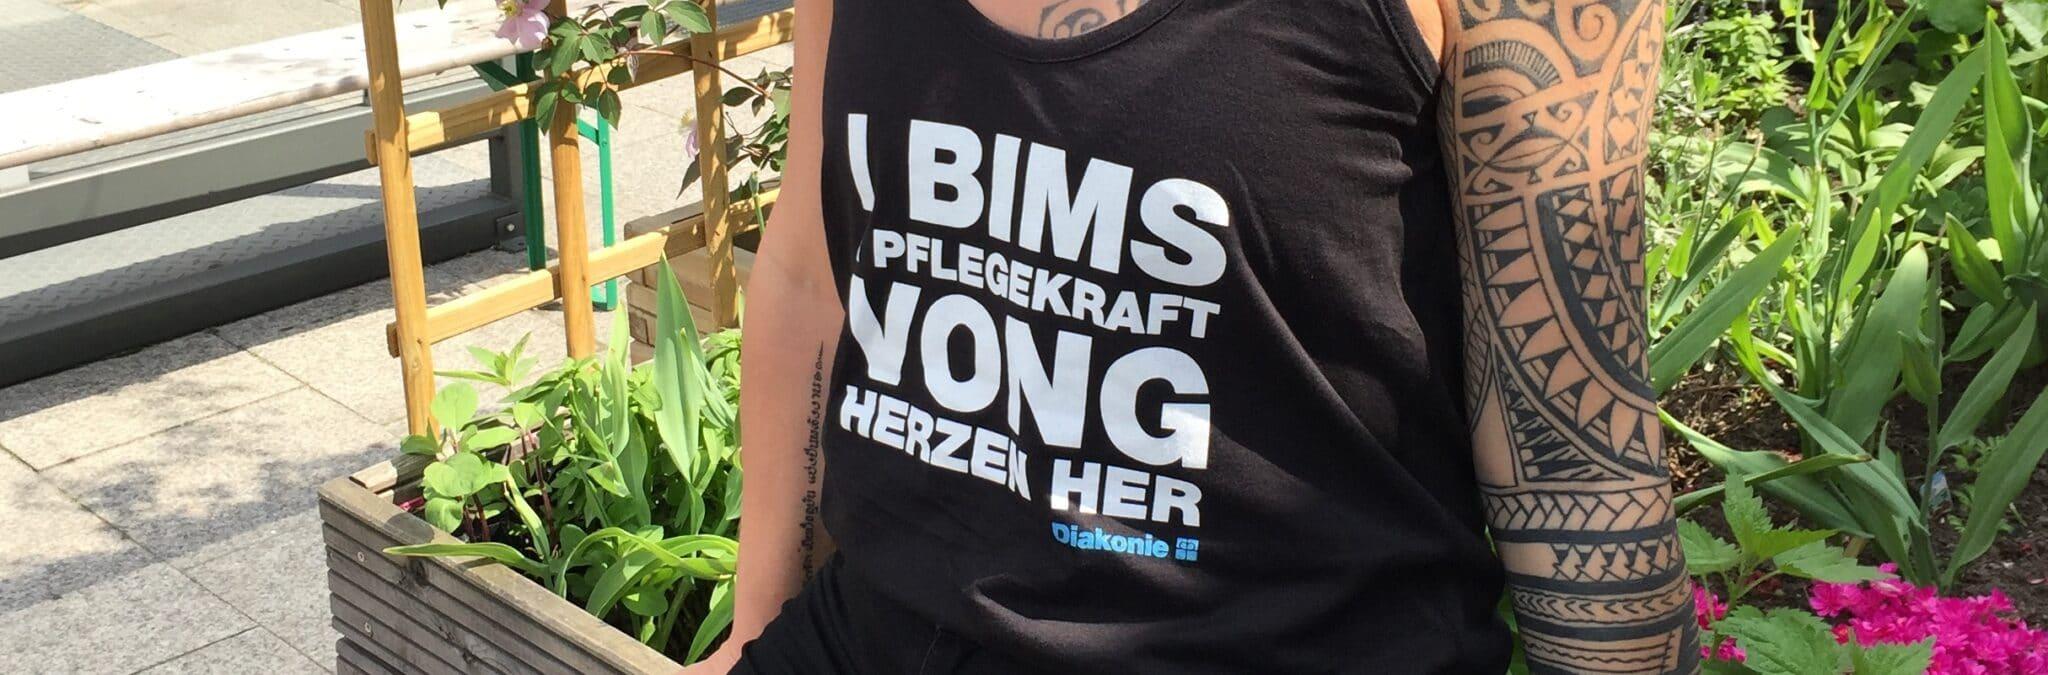 """Ausgefallenes Werbegeschenk für Jugendliche: Das Foto zeigt ein T-Shirt mit der Aufschrift """"I BIMS 1 PFLEGEKRAFT VONG HERZEN HER"""""""